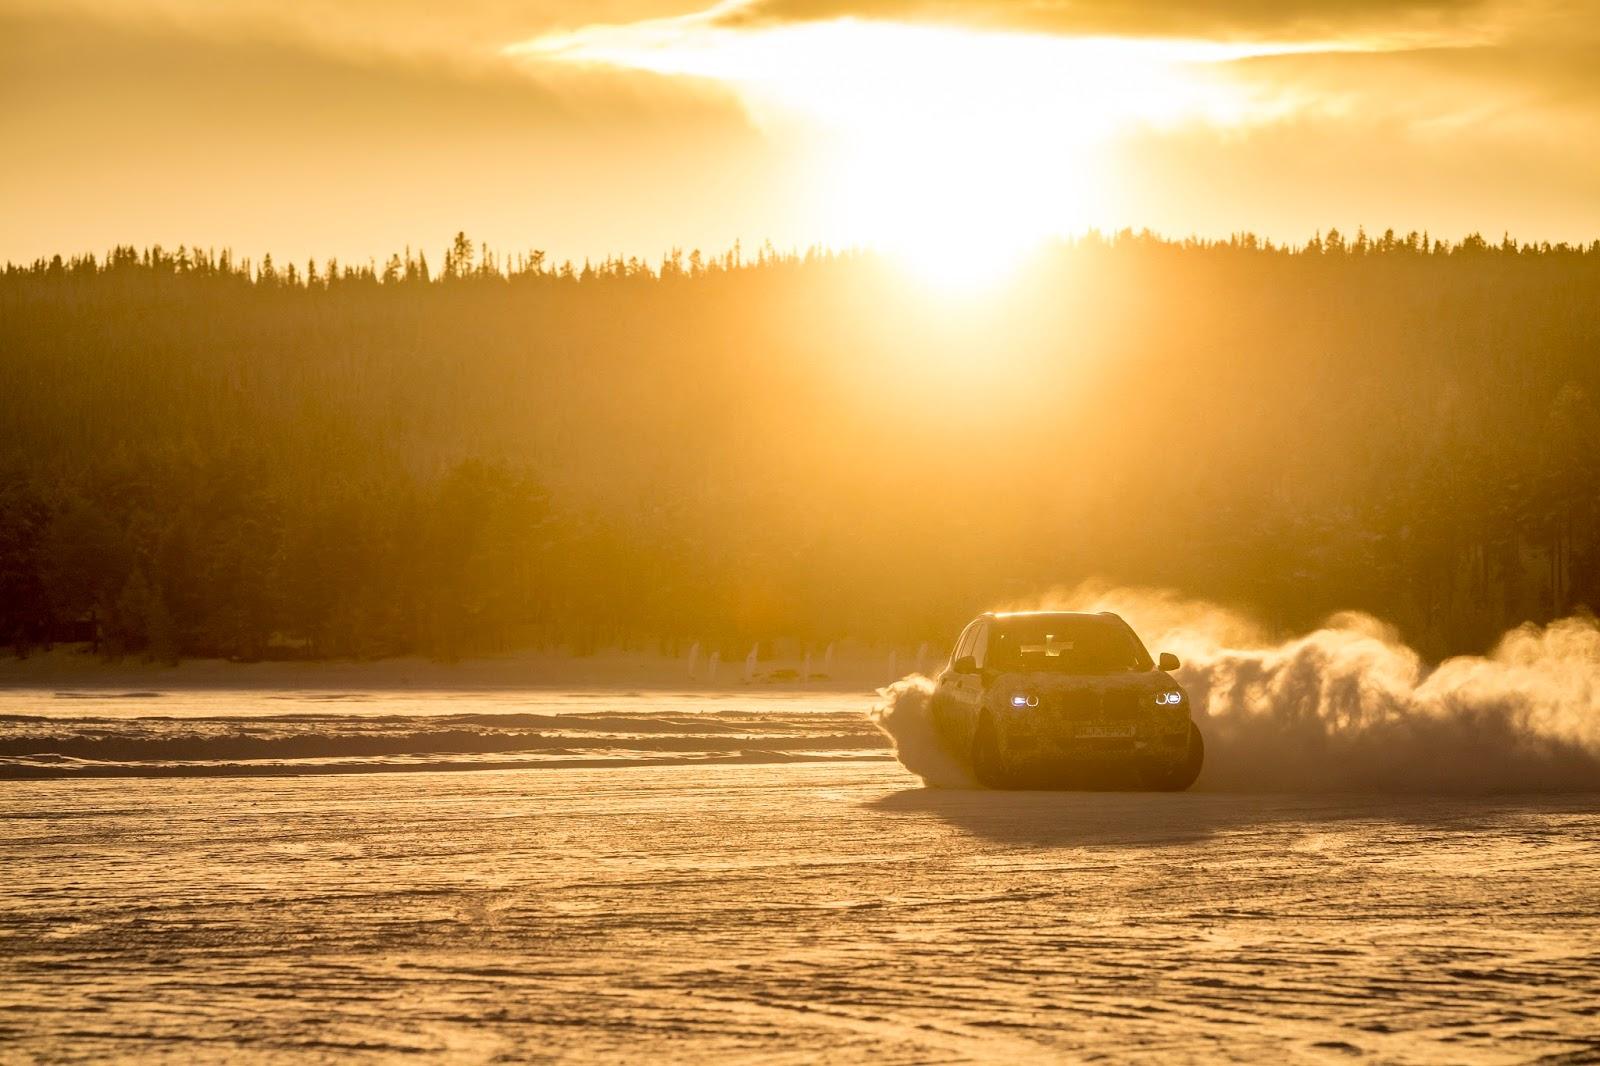 P90249820 highRes the new bmw x3 under Δοκιμές στην παγωμένη Βόρεια Σουηδία, για την επερχόμενη BMW X3 BMW, BMW X, BMW X3, SUV, videos